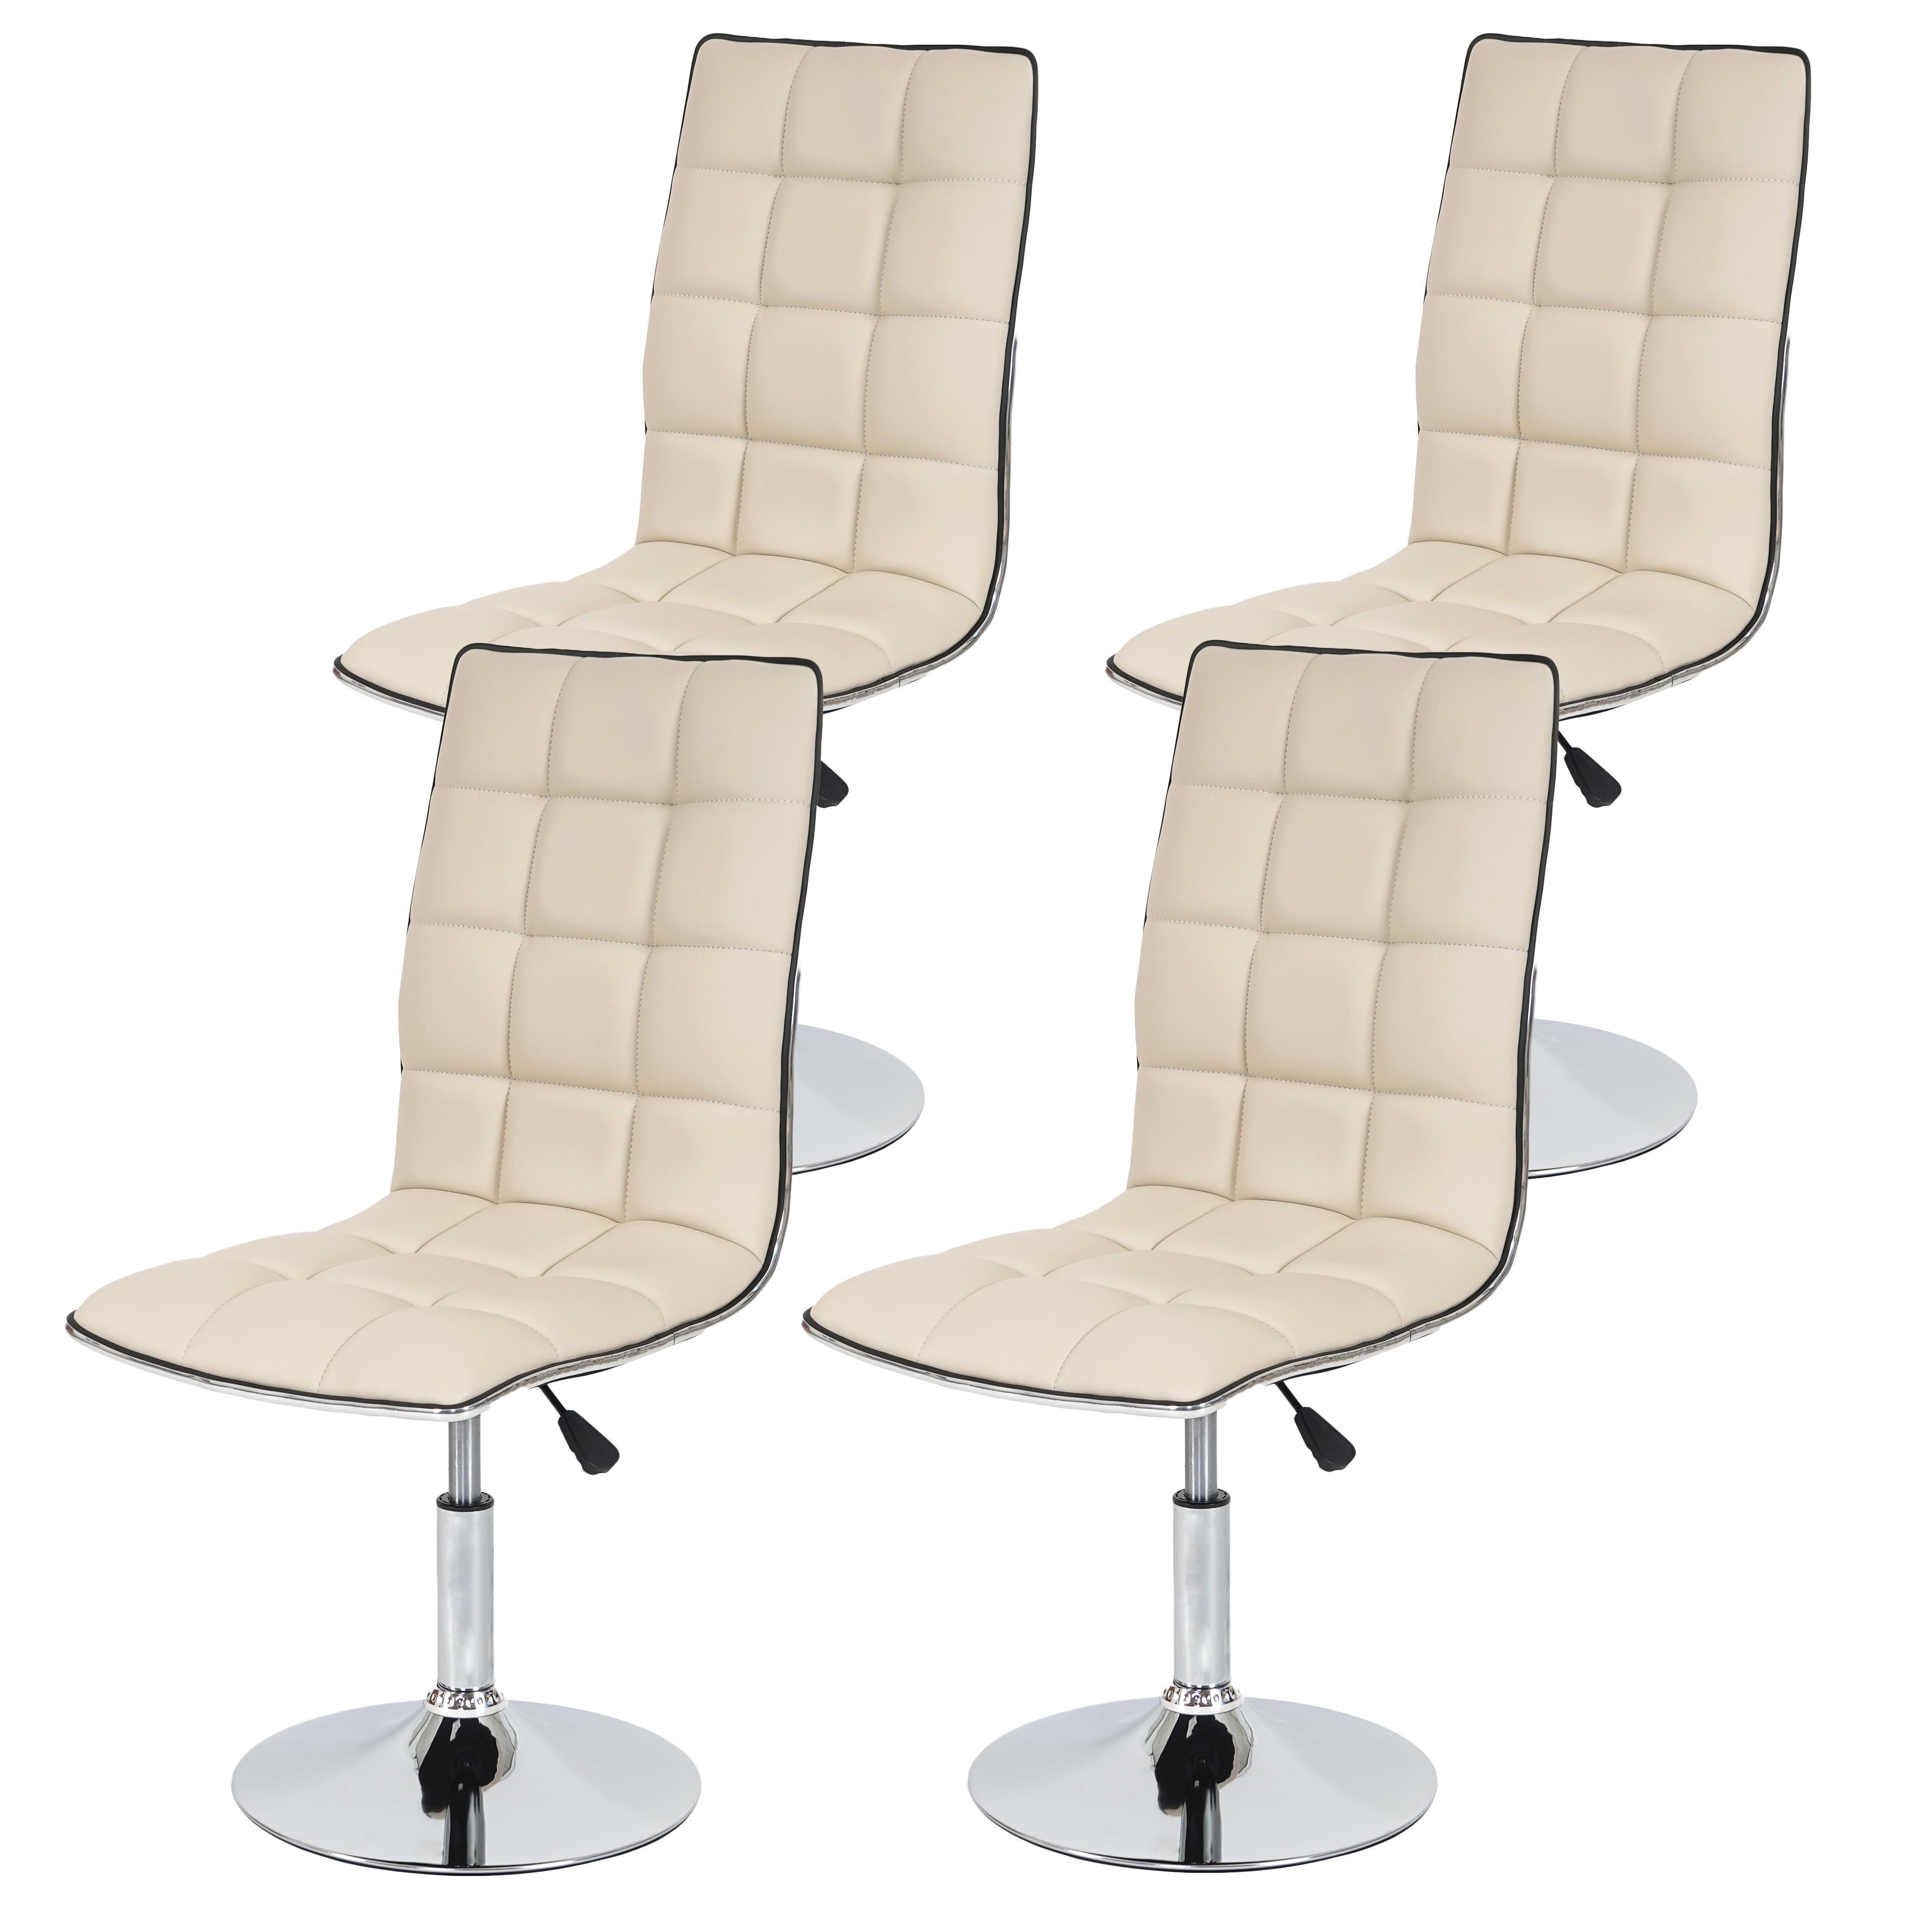 Lote 4 sillas de cocina o comedor roger acolchado con for Comedor pequea o 4 sillas